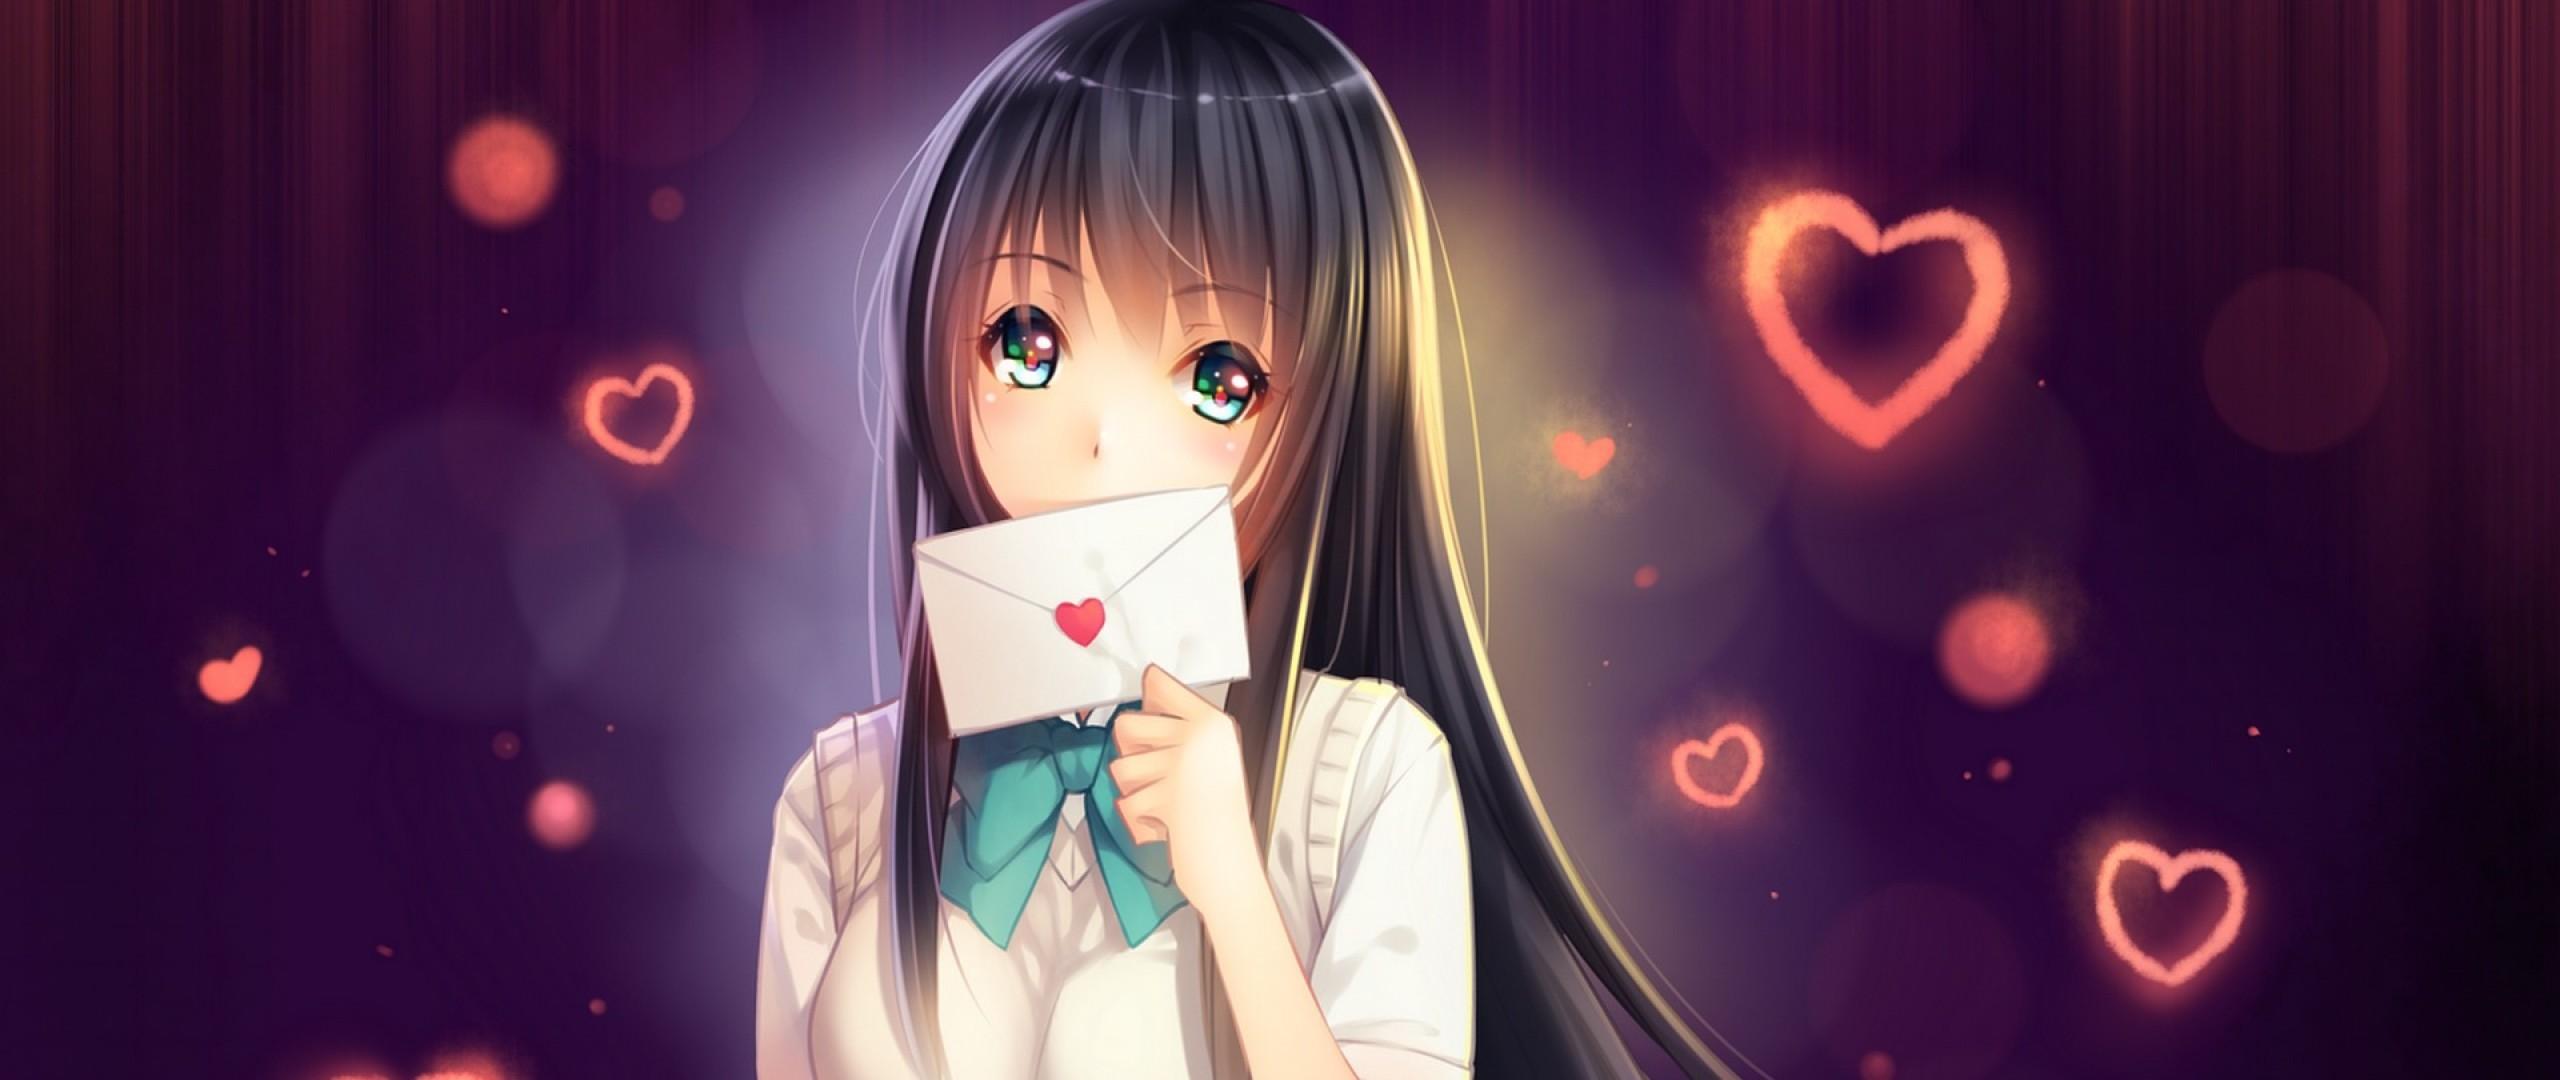 Wallpaper girl, anime, writing, art, heart